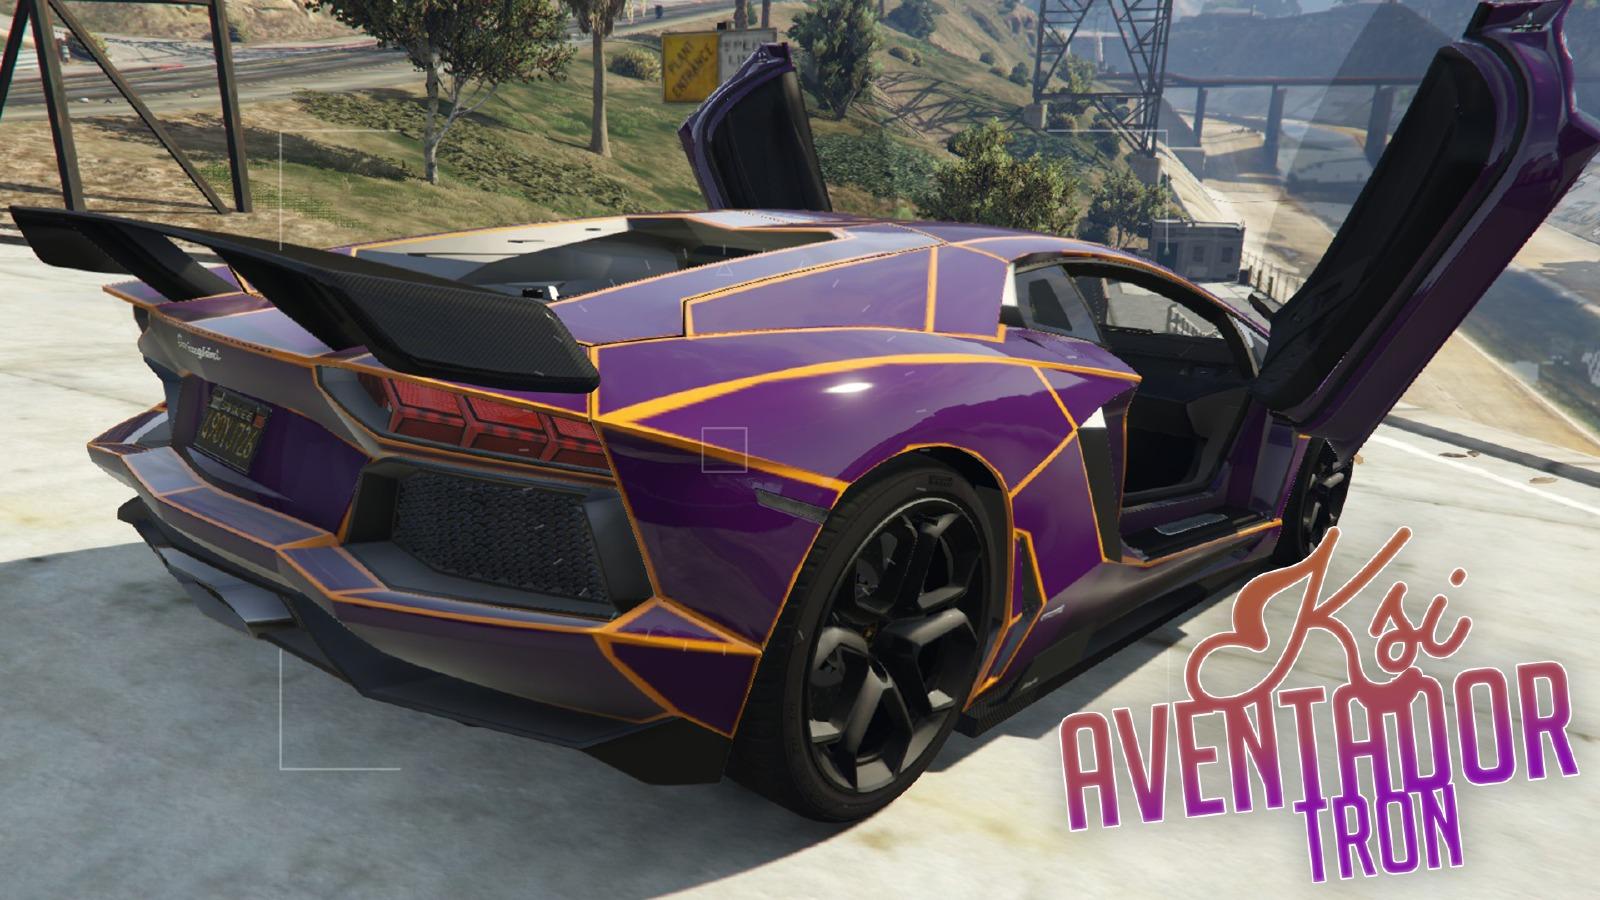 Ksi Lamborghini Aventador Tron Skin Vehicules Pour Gta V Sur Gta Modding